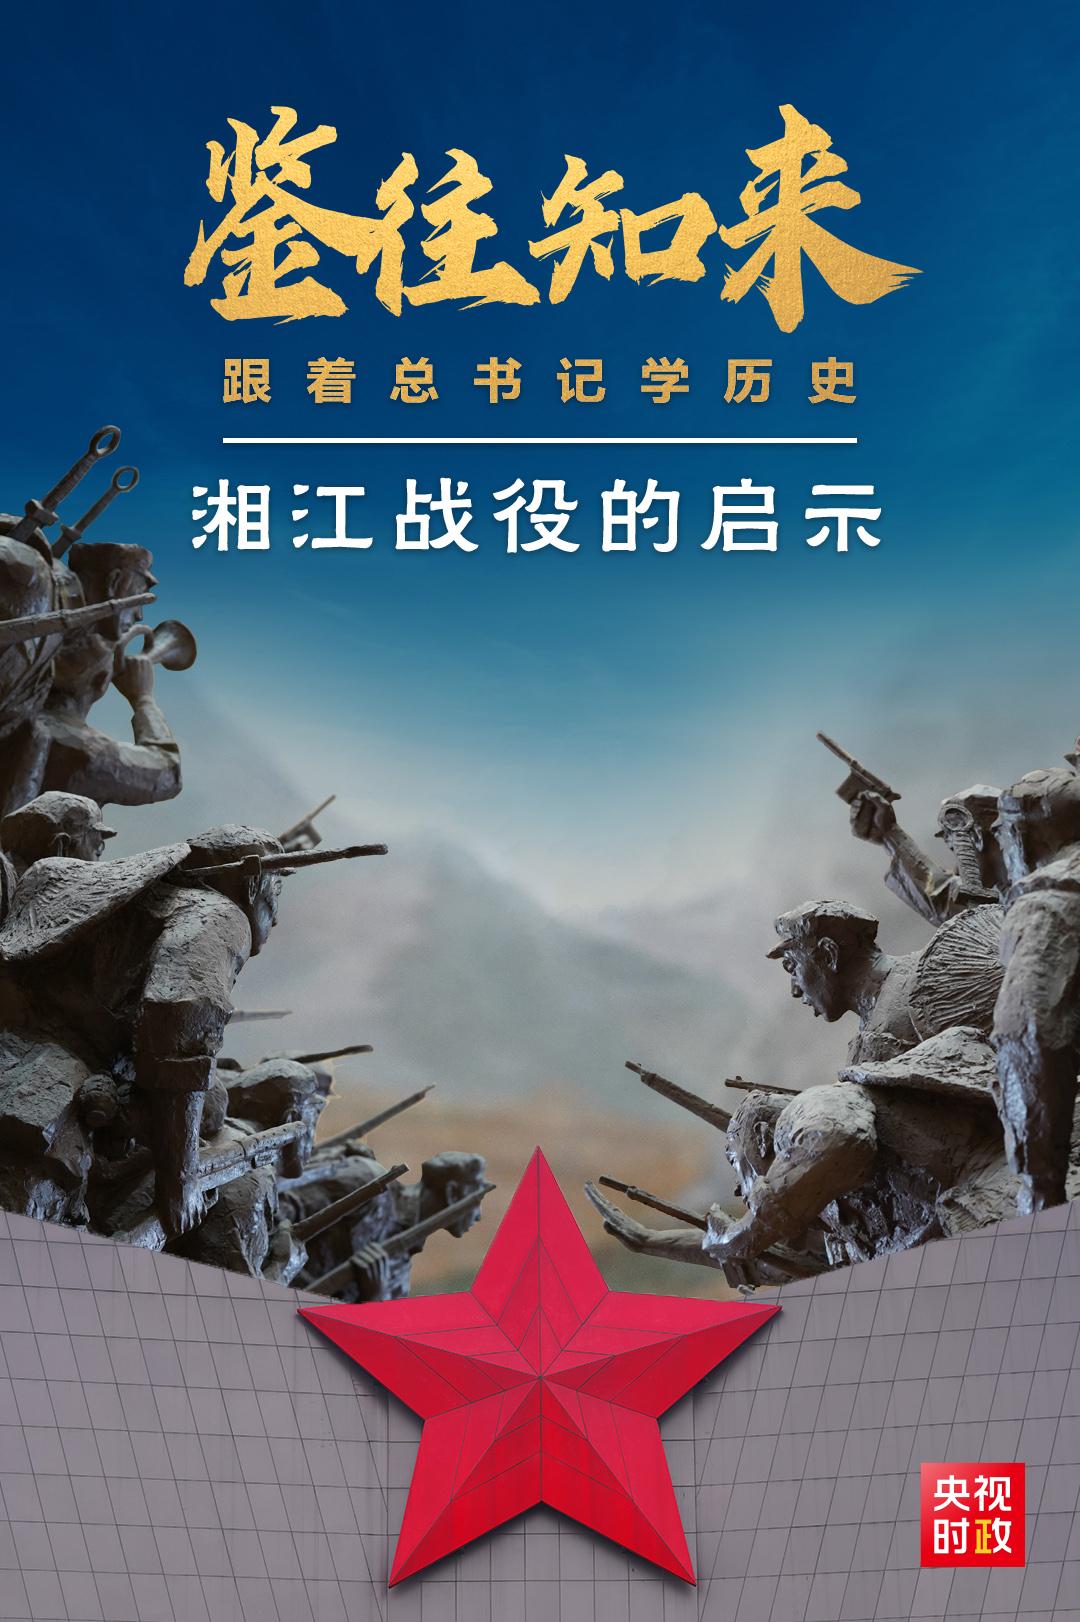 濮阳新闻鉴往知来丨跟着总书记学历史:发生在80多年前的这场战役,习近平为何如此萦怀?